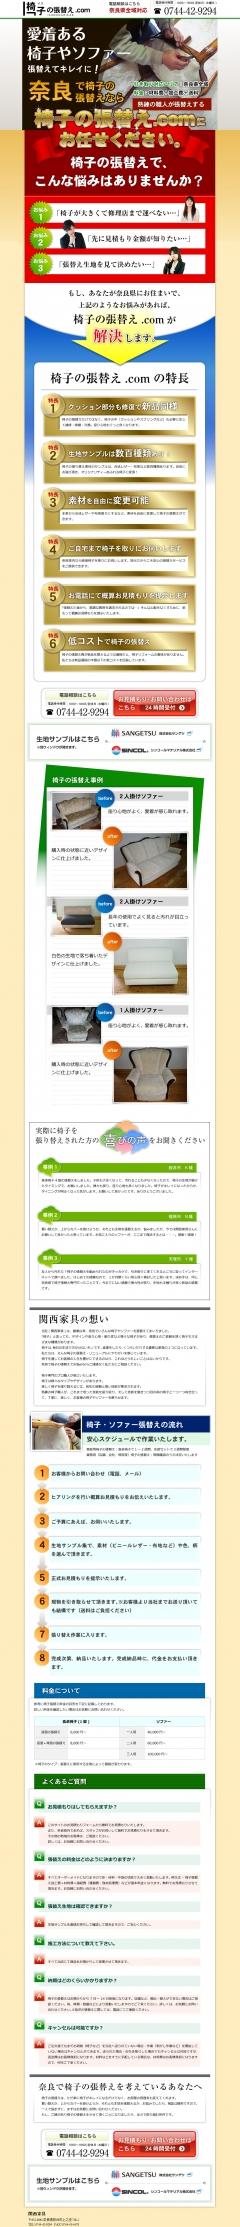 関西家具(椅子の張替え.com)